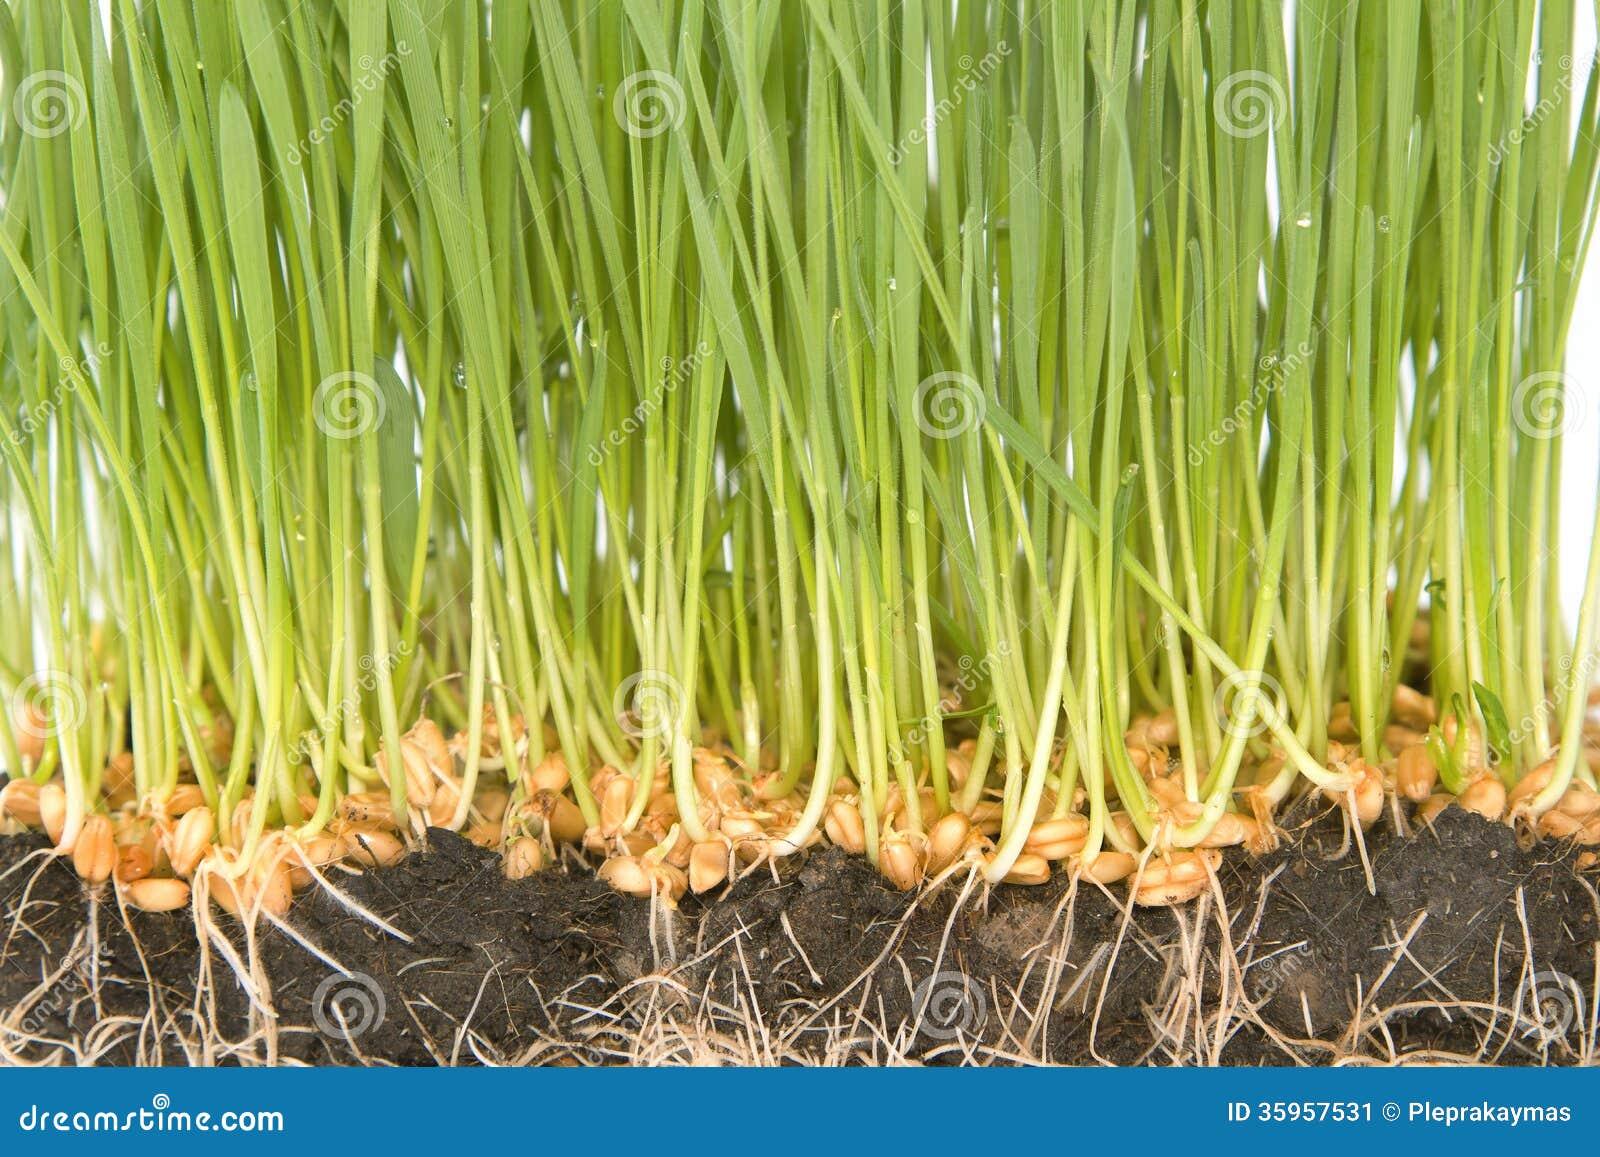 Weizensamen mit grünen Sprösslingen